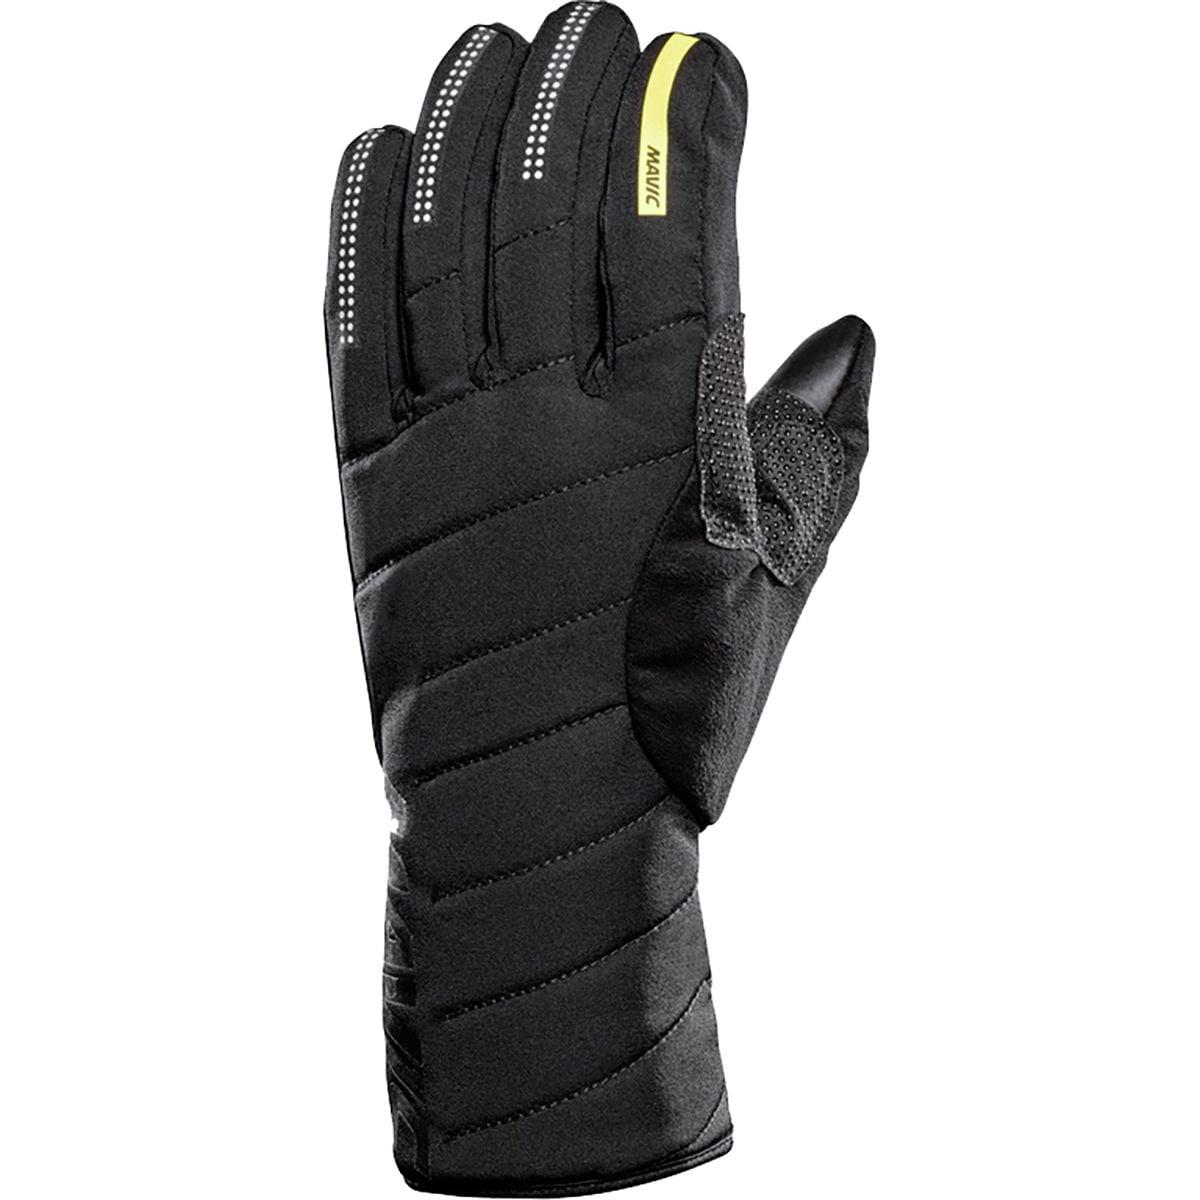 Mavic Ksyrium Pro Thermo Gloves - Men's